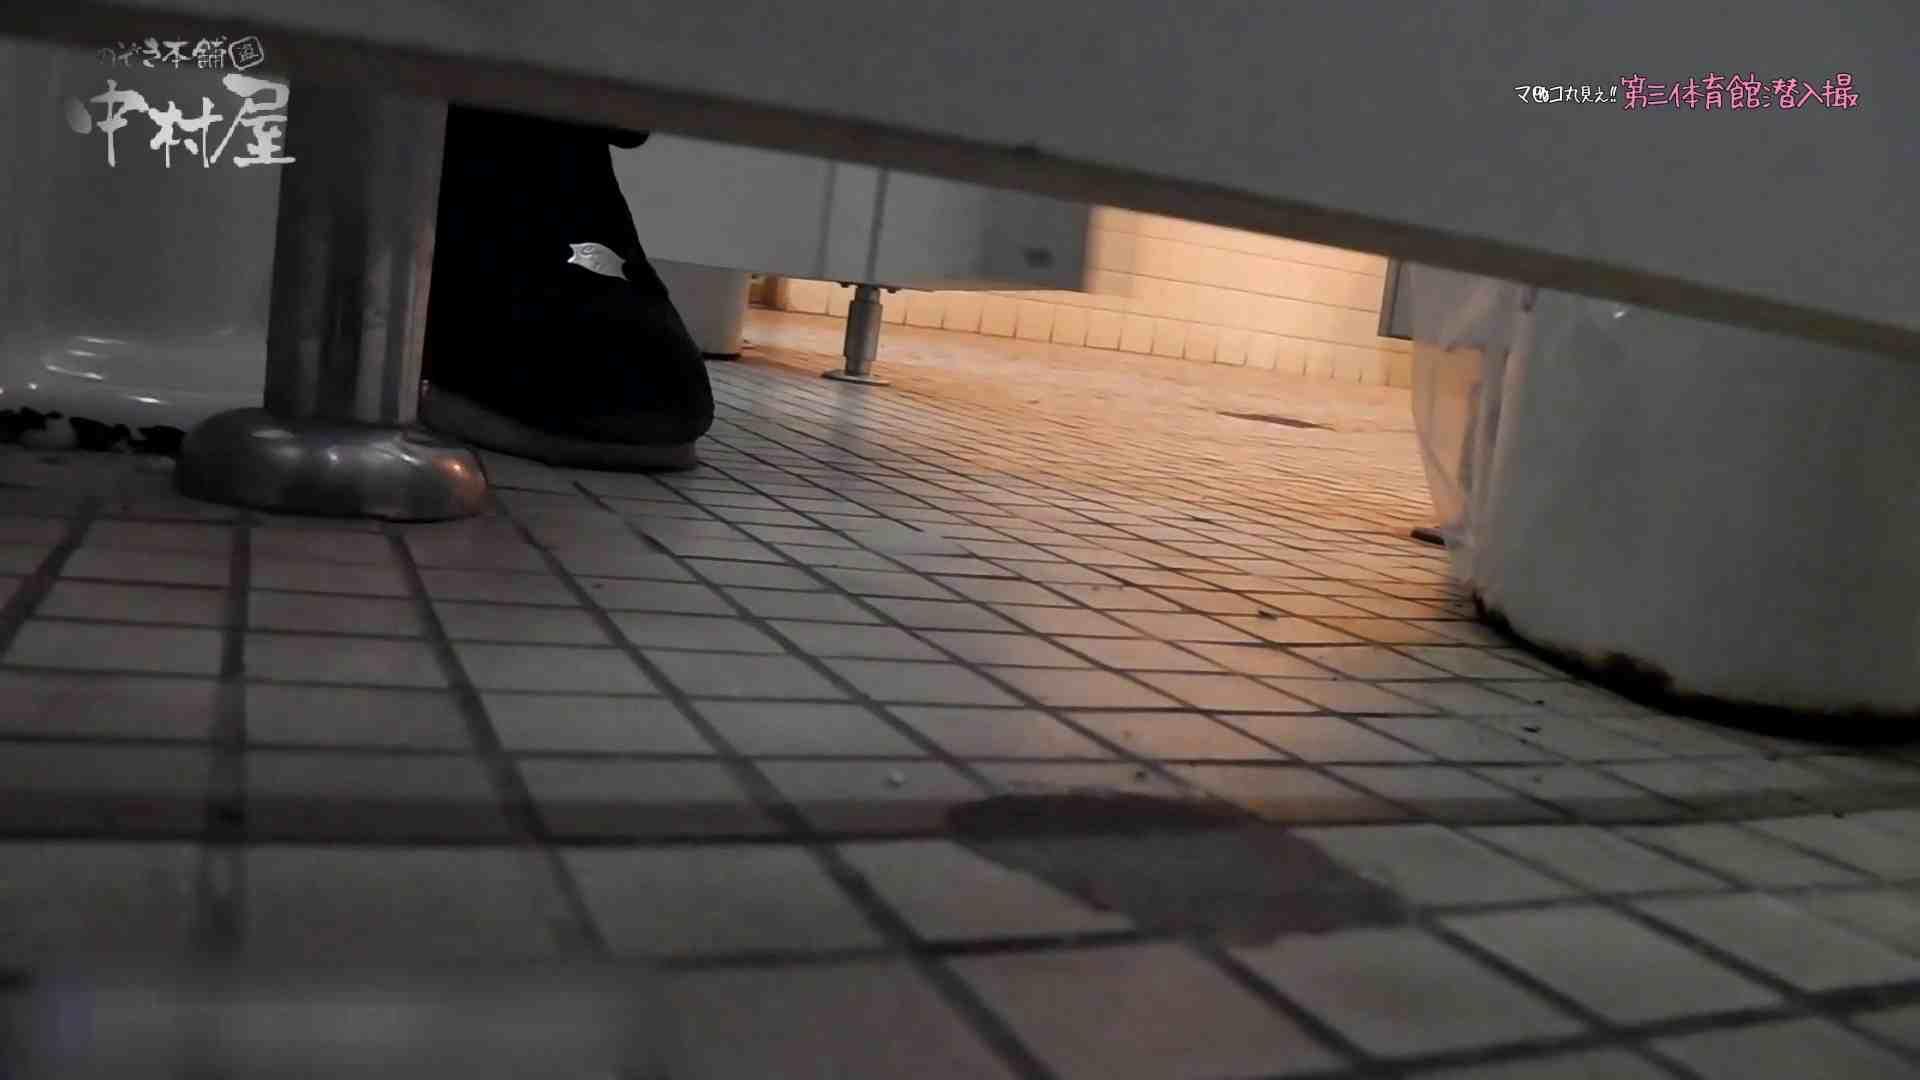 第三体育館File044長身のバレー部員が目の前の個室に入ってくれました。後編 アスリート エロ画像 106PIX 50